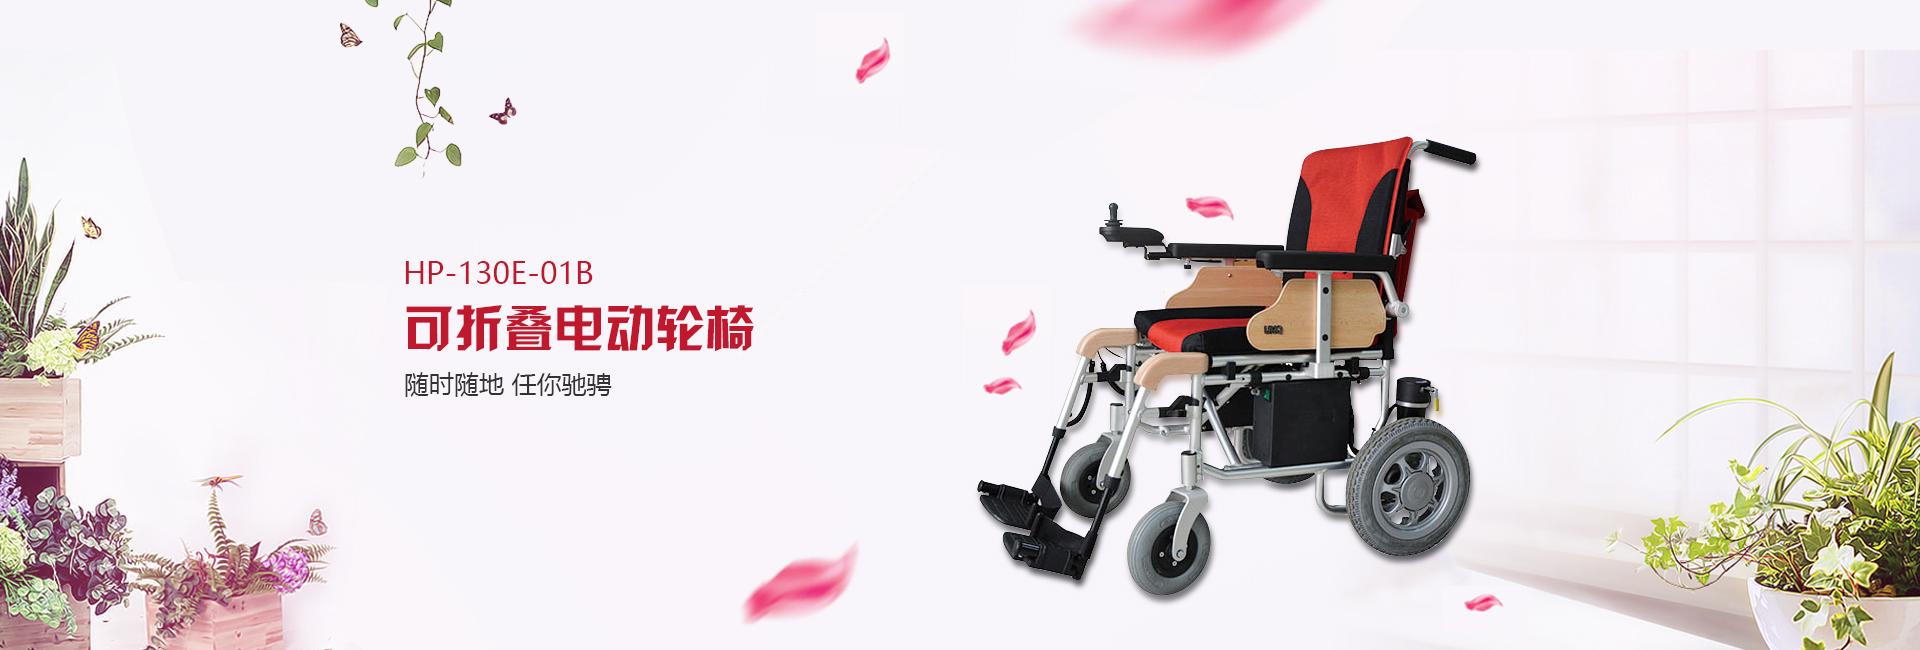 轮椅供应商